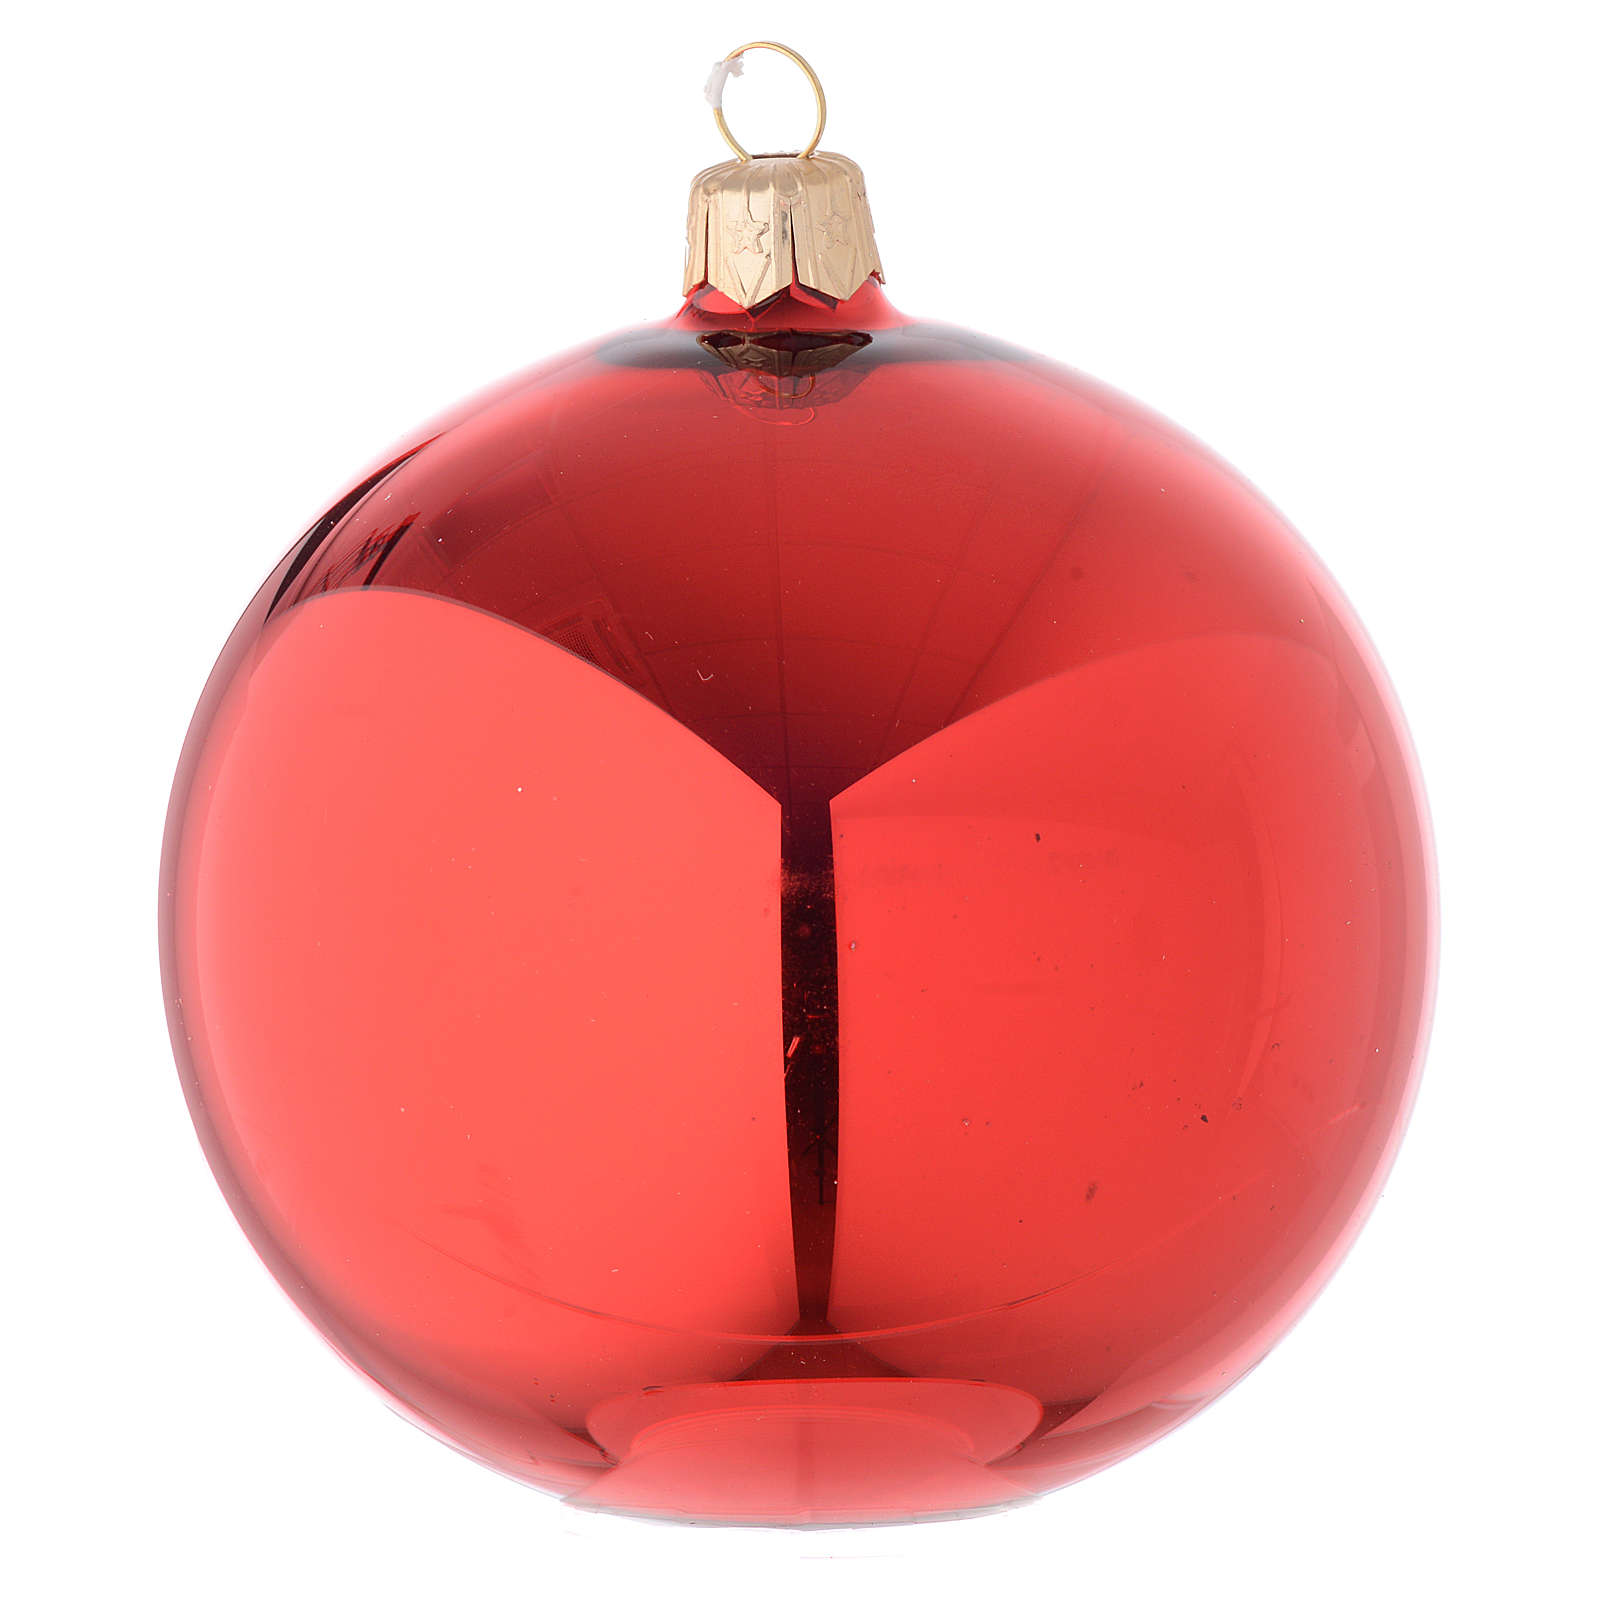 Kugel Für Tannenbaum.Tannenbaum Kugel Roten Glas Glatt 100mm